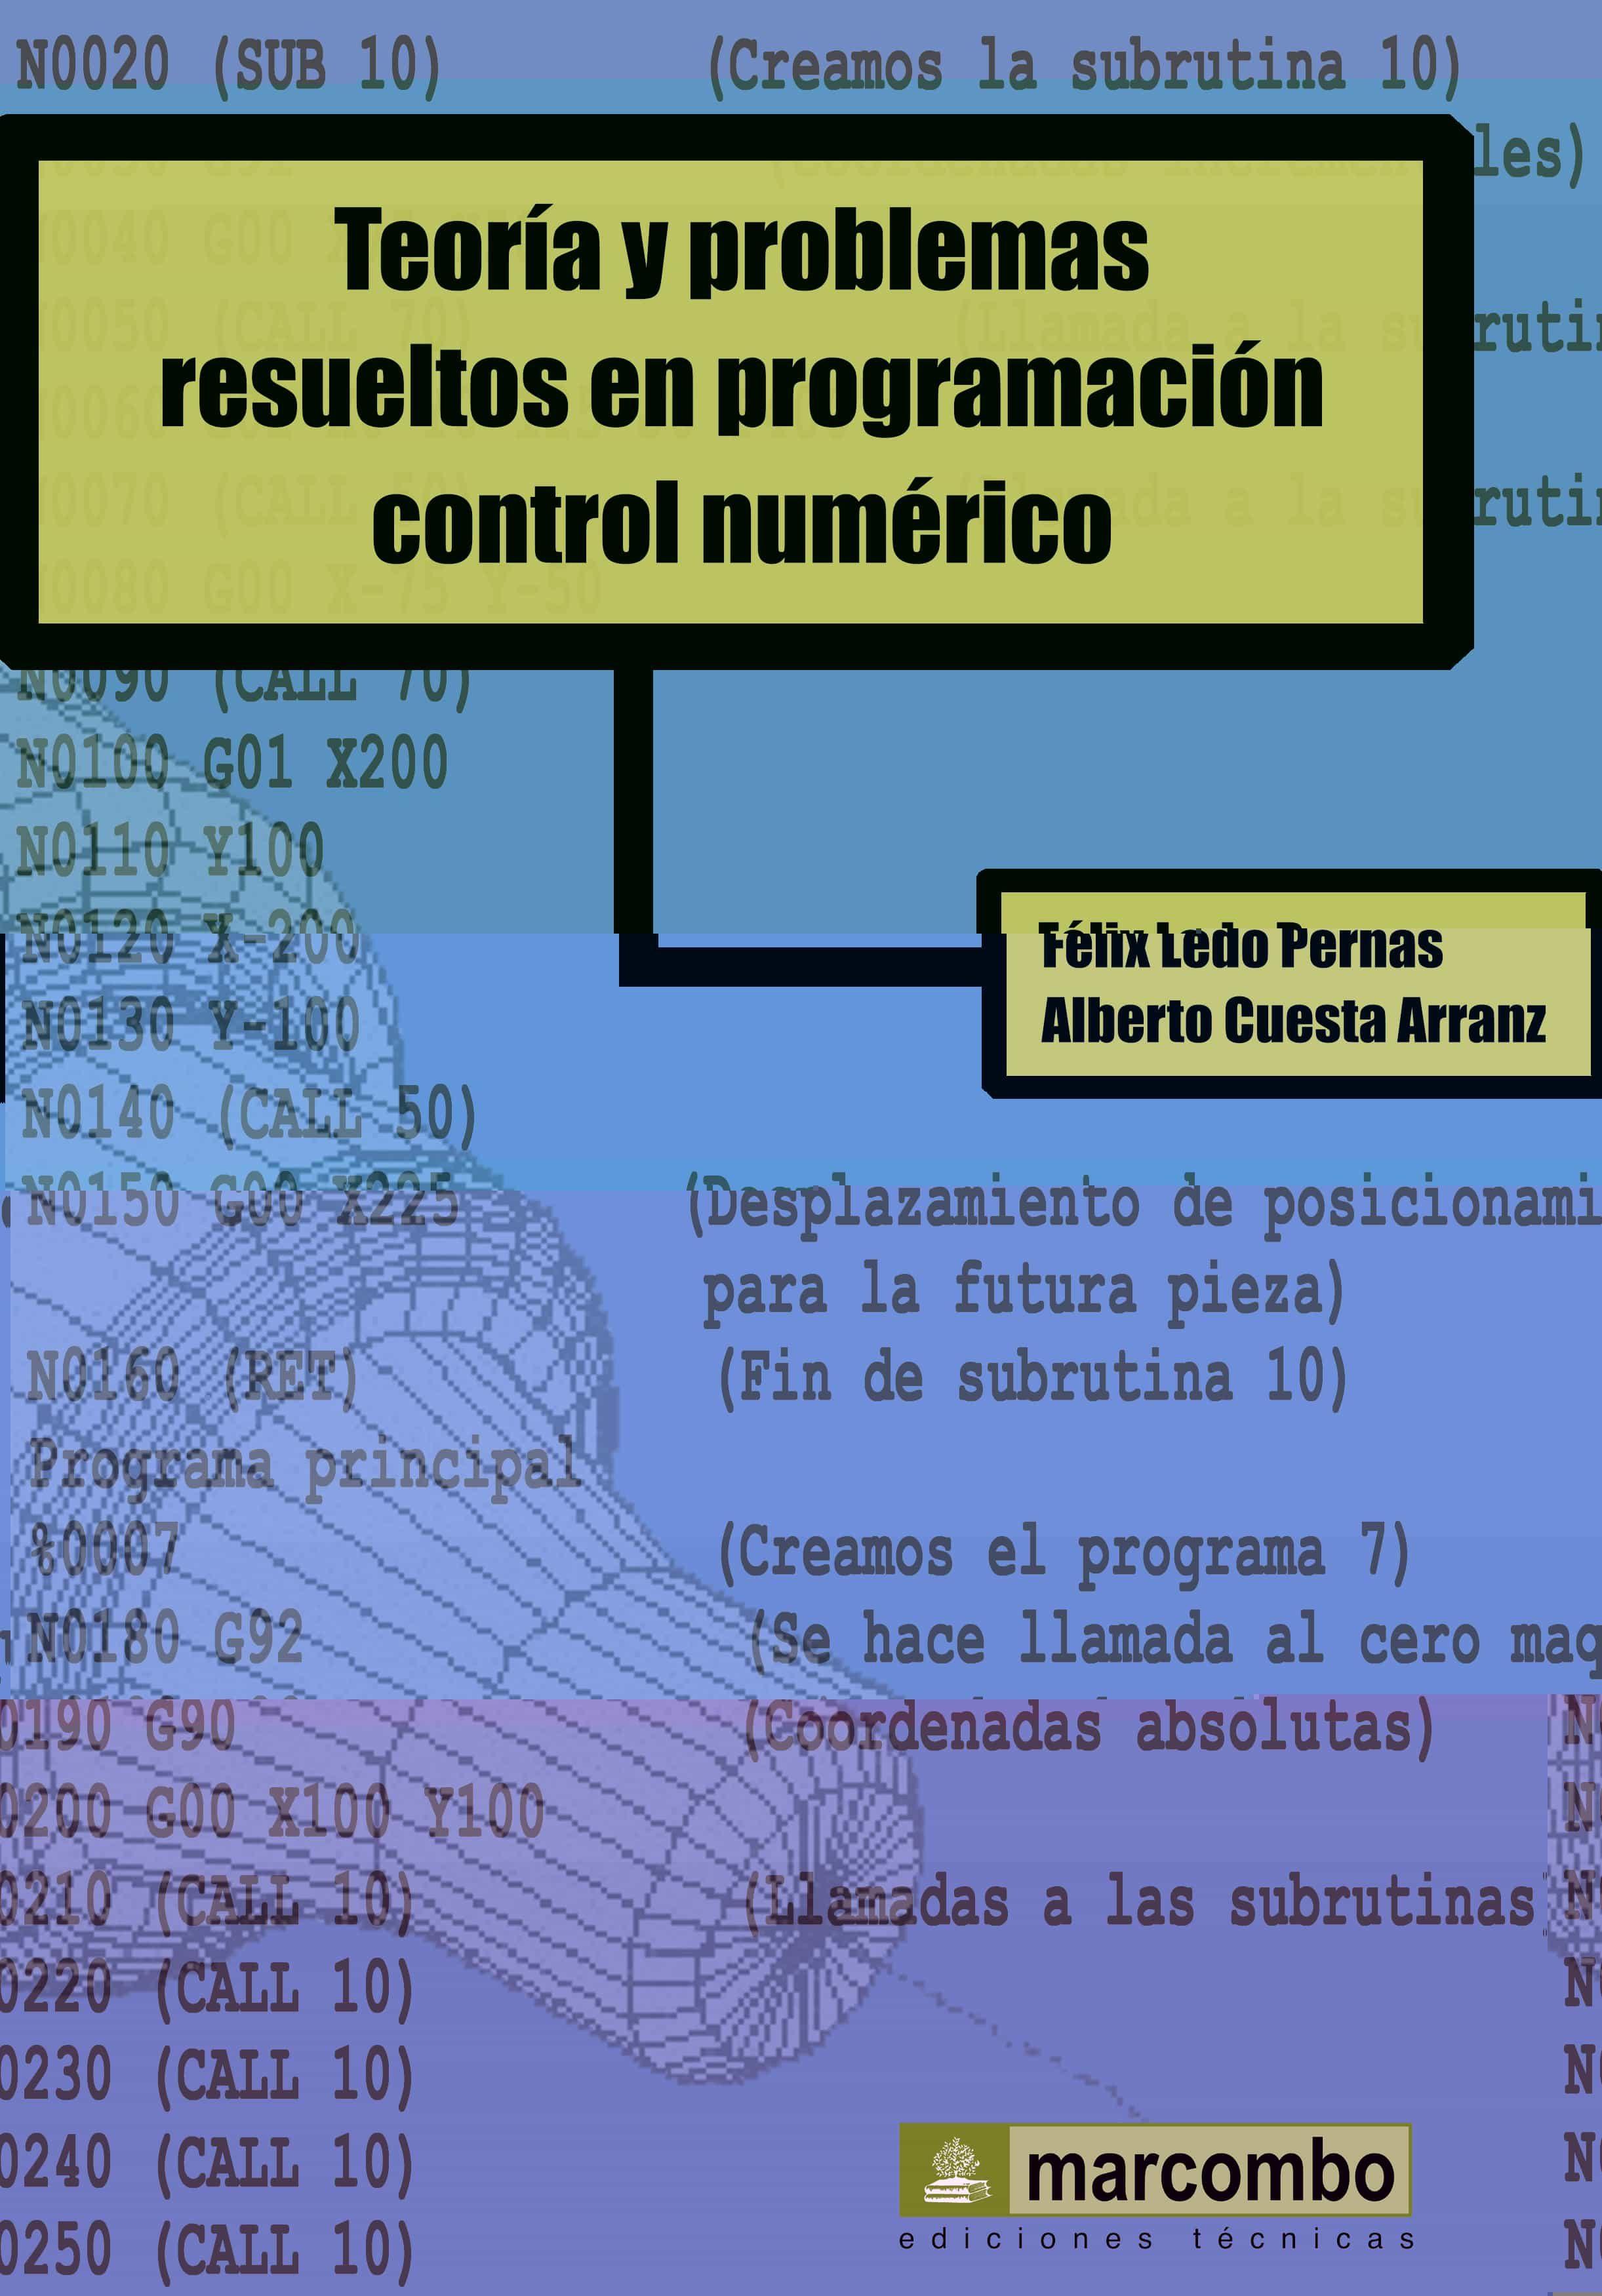 Teoria Y Problemas Resueltos En Programacion Control Numerico por Alberto Cuesta Arranz;                                                                                    Felix Ledo Pernas Gratis